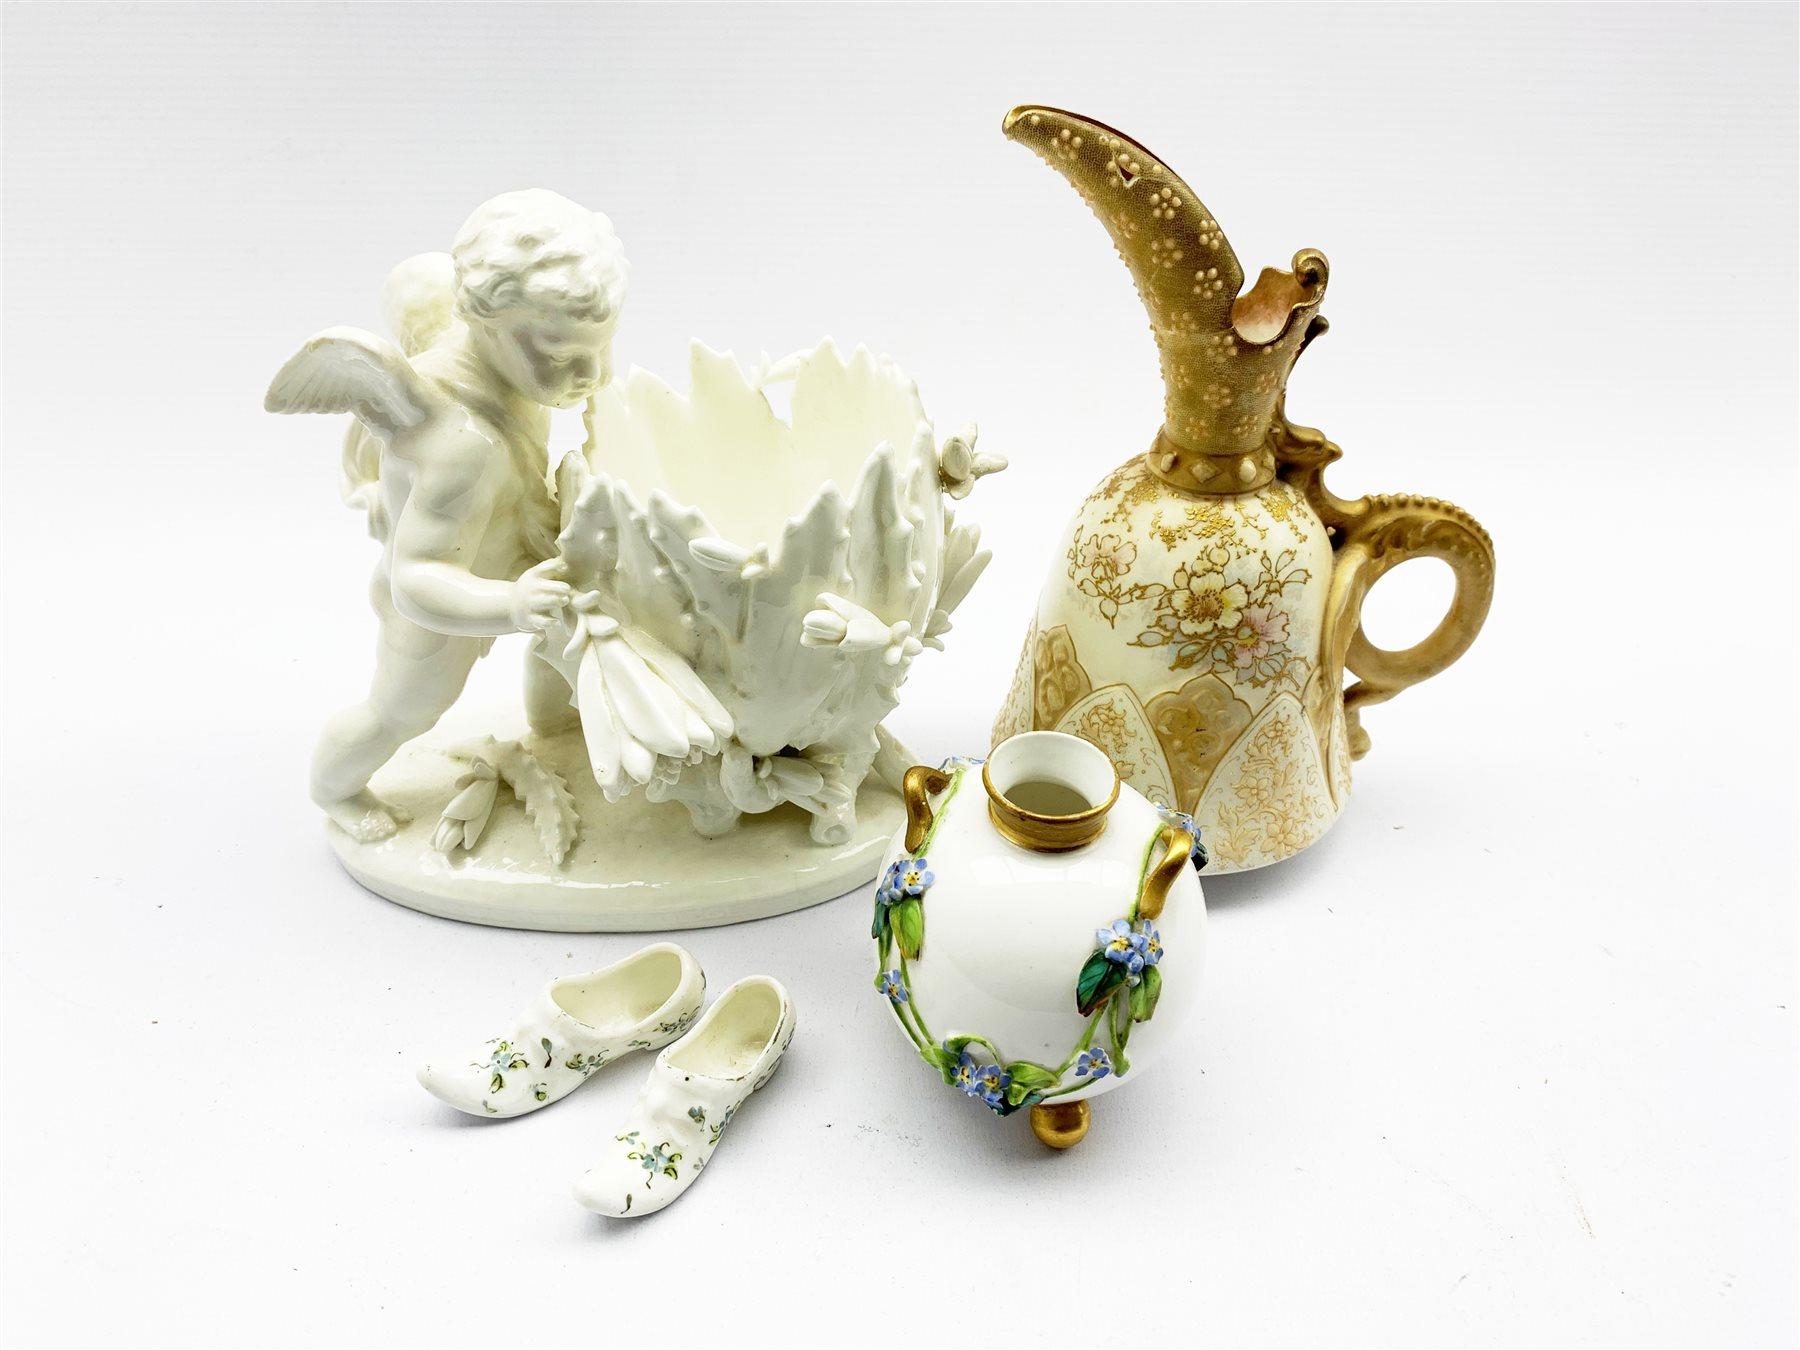 Sitzendorf Blanc de Chine porcelain vase modelled as a Cherub, Royal Worcetser porcelain twin-handle